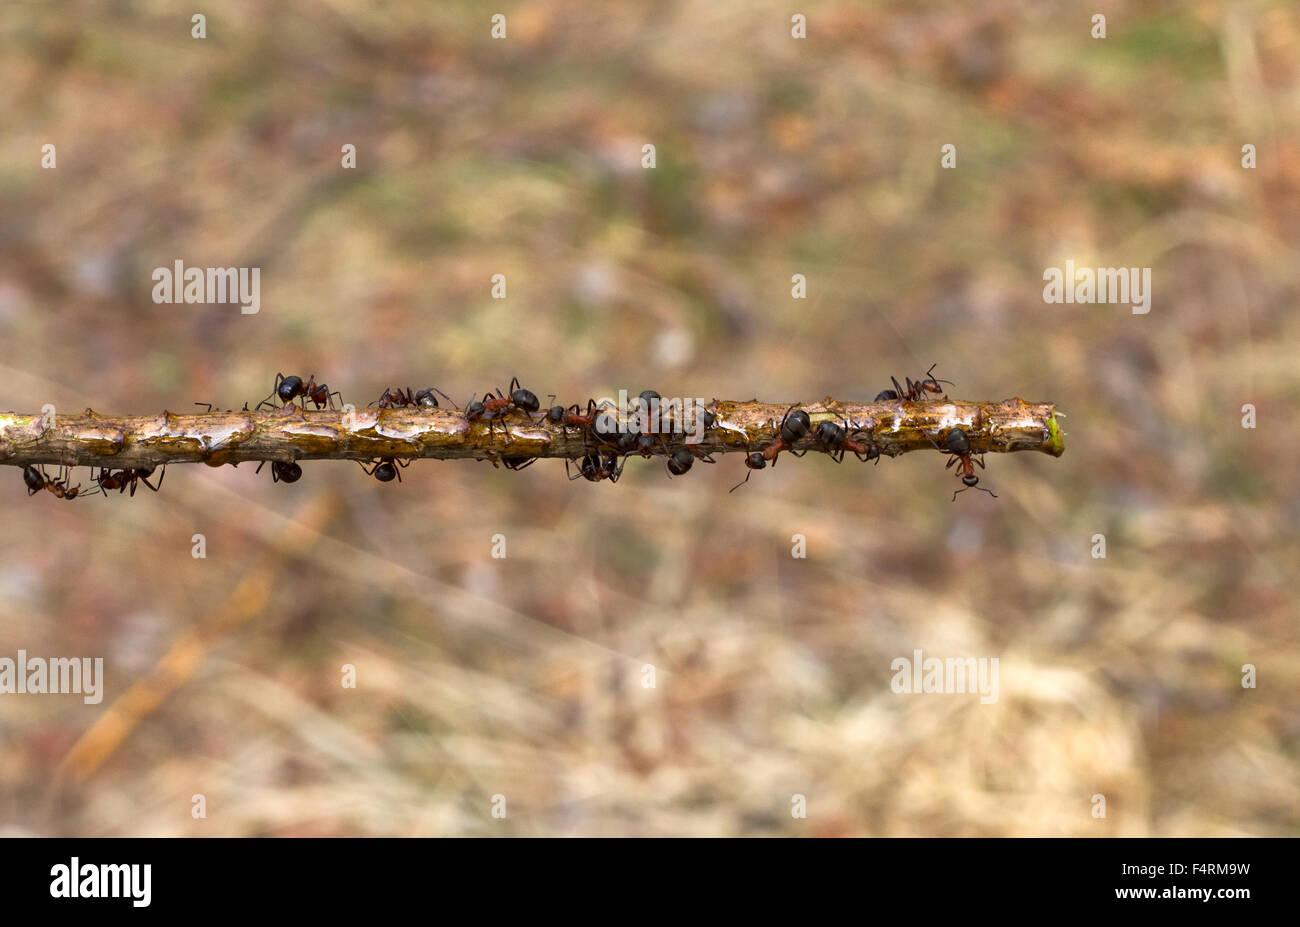 Las hormigas corriendo en un palo de cerca Foto de stock